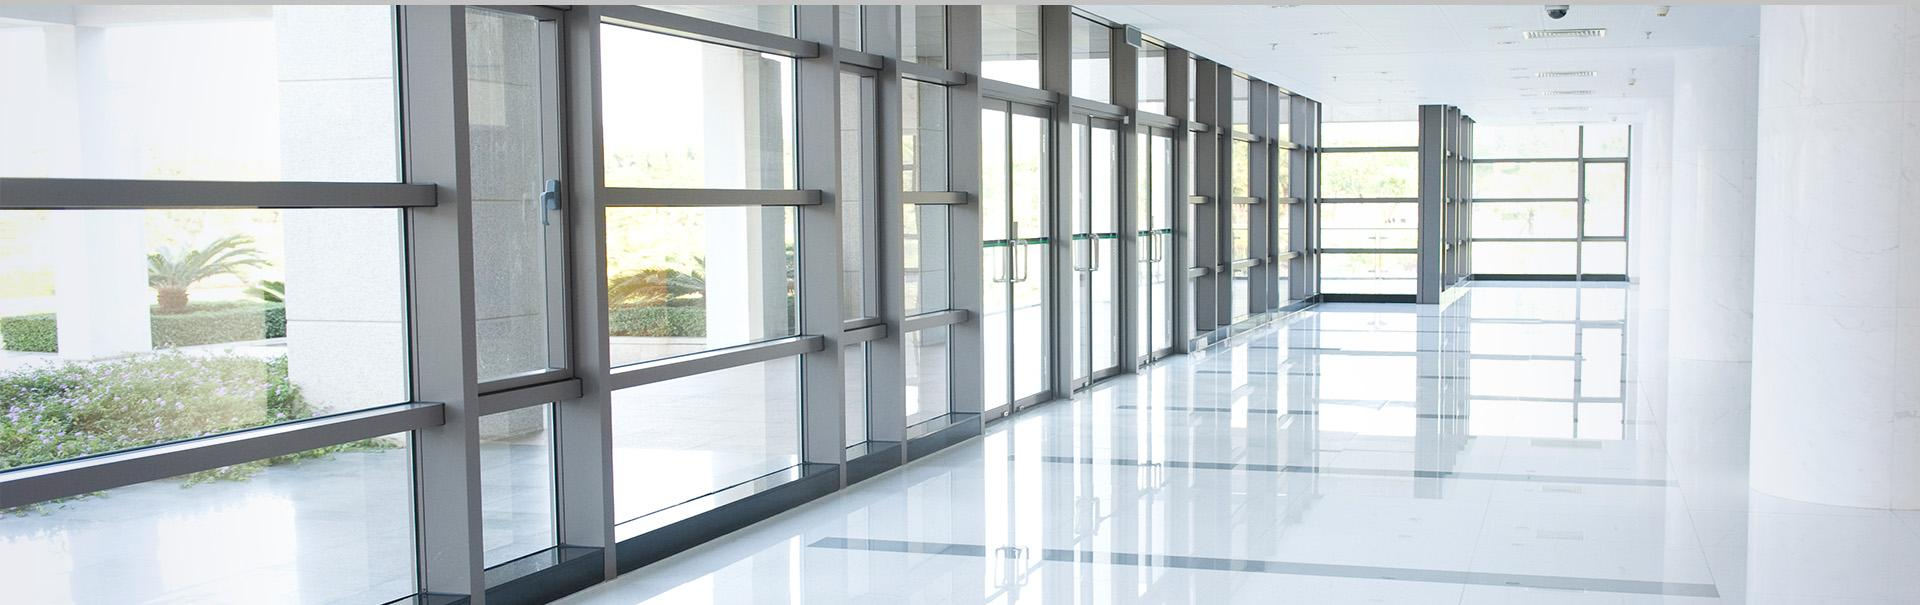 Carpinter a aluminio sabadell pvc o aluminio aluminis - Carpinteria de aluminio terrassa ...